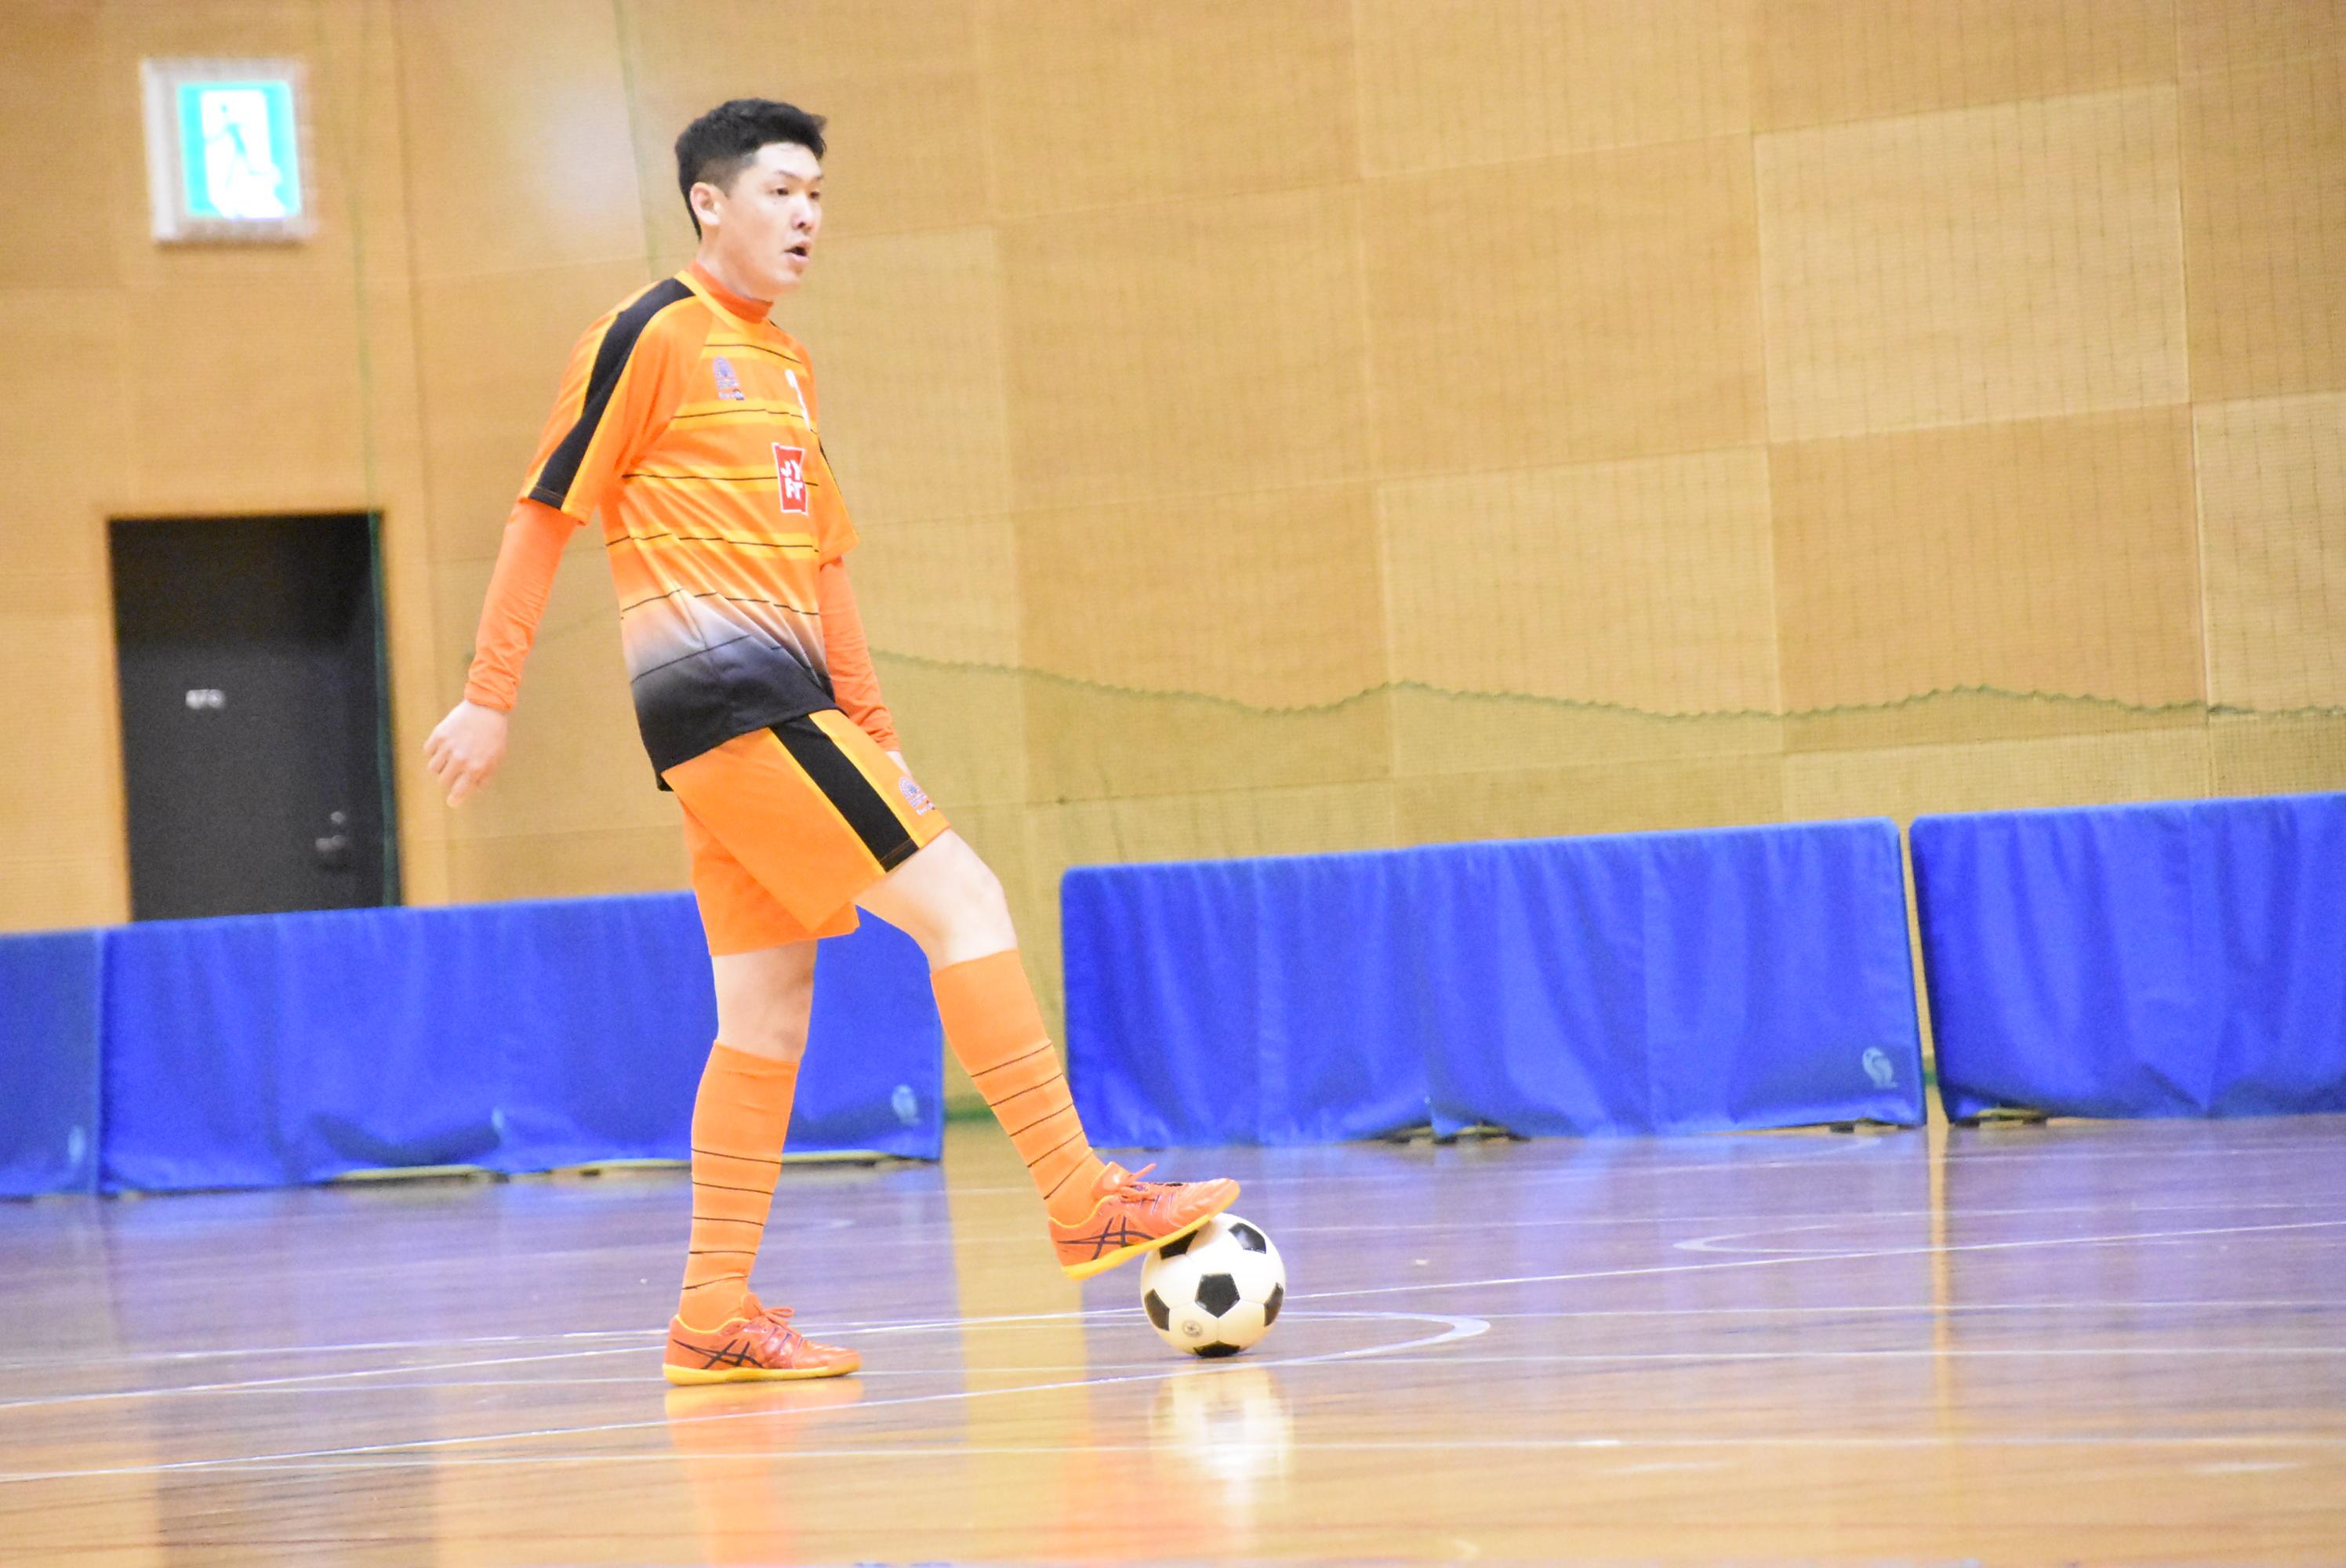 【愛知県1部第8節インタビュー】FC JOYFUT 内藤 景一選手「試合を観戦に来てくれるサポーターの姿は本当に自分達にパワーを頂きました」